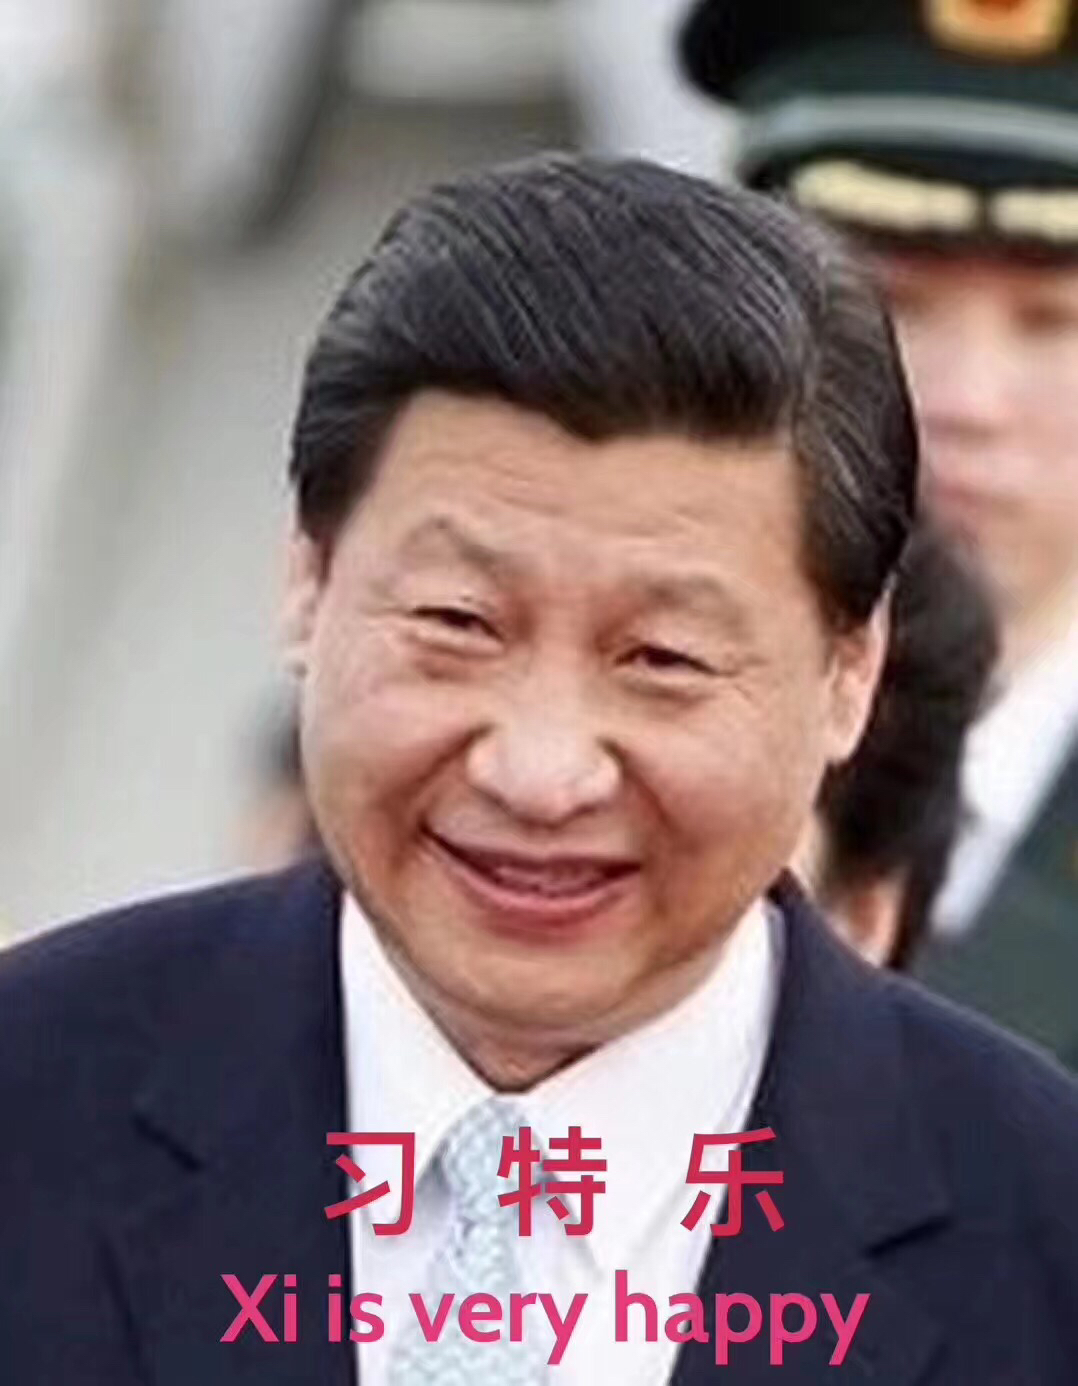 自由时报 | 习近平修宪延续权力 一票学者专家看走眼